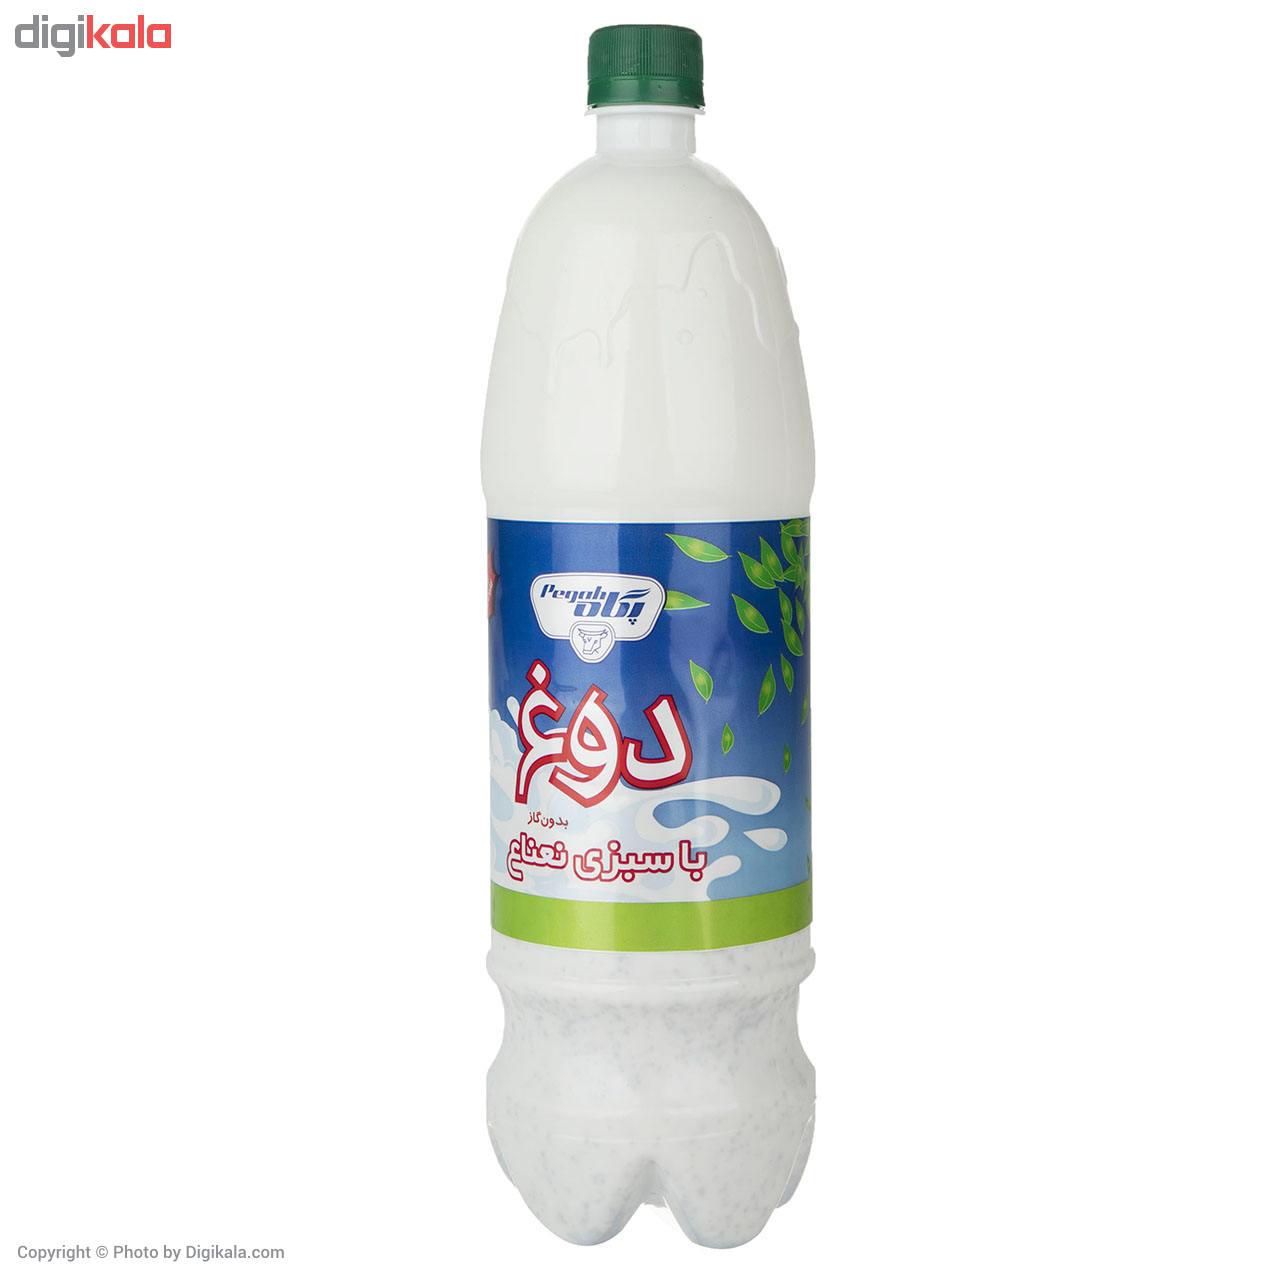 بطری دوغ پر شده توسط دستگاه پرکن دوغ